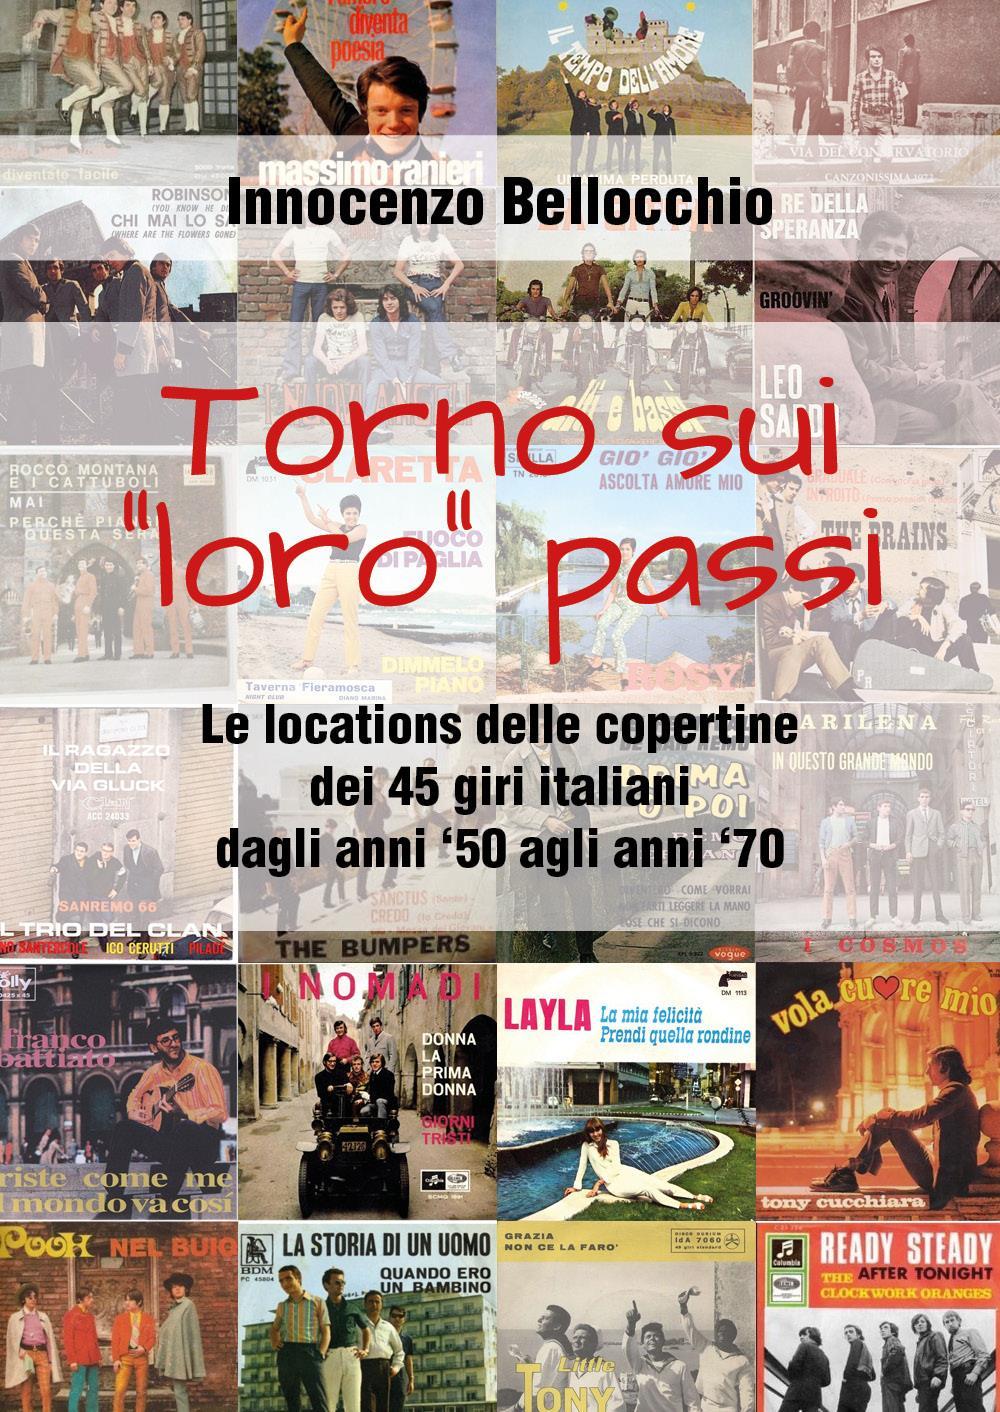 """Torno sui """"loro"""" passi - Le locations delle copertine dei 45 giri italiani dagli anni '50 agli anni '70"""